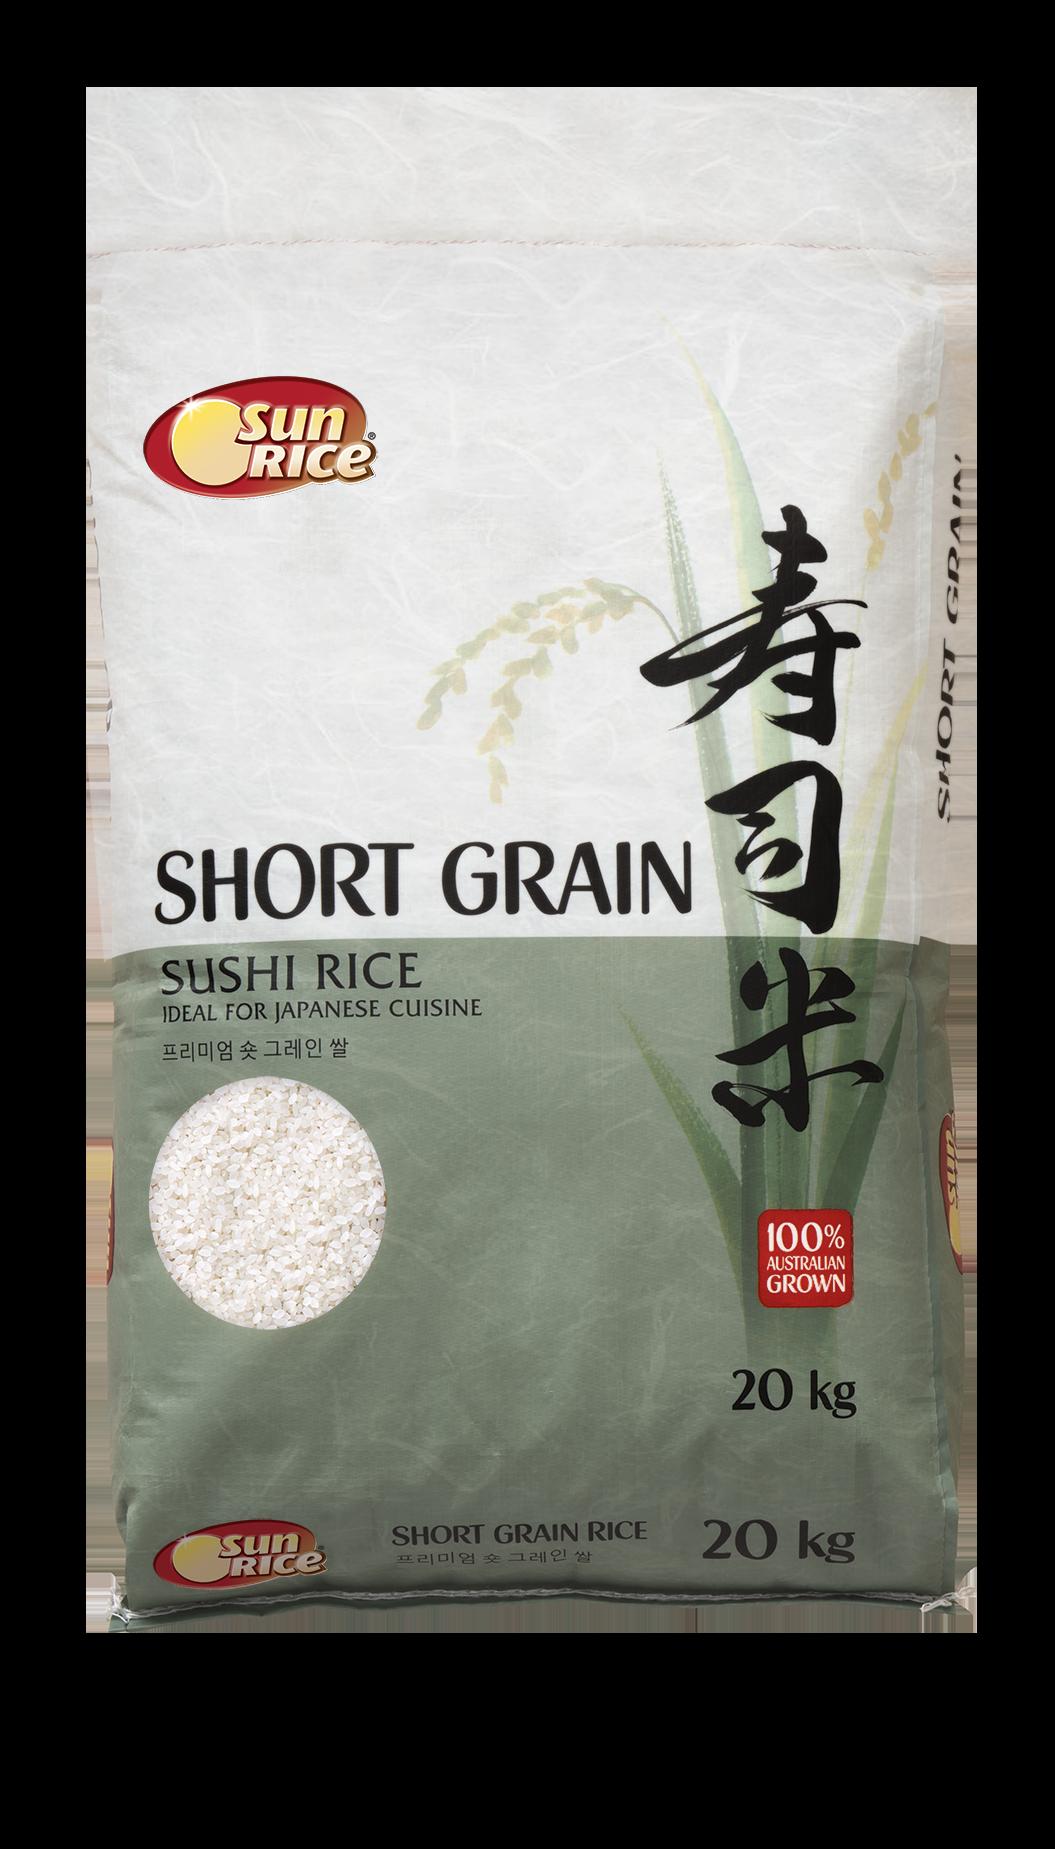 Render_Sunrice_Short Grain_01.png